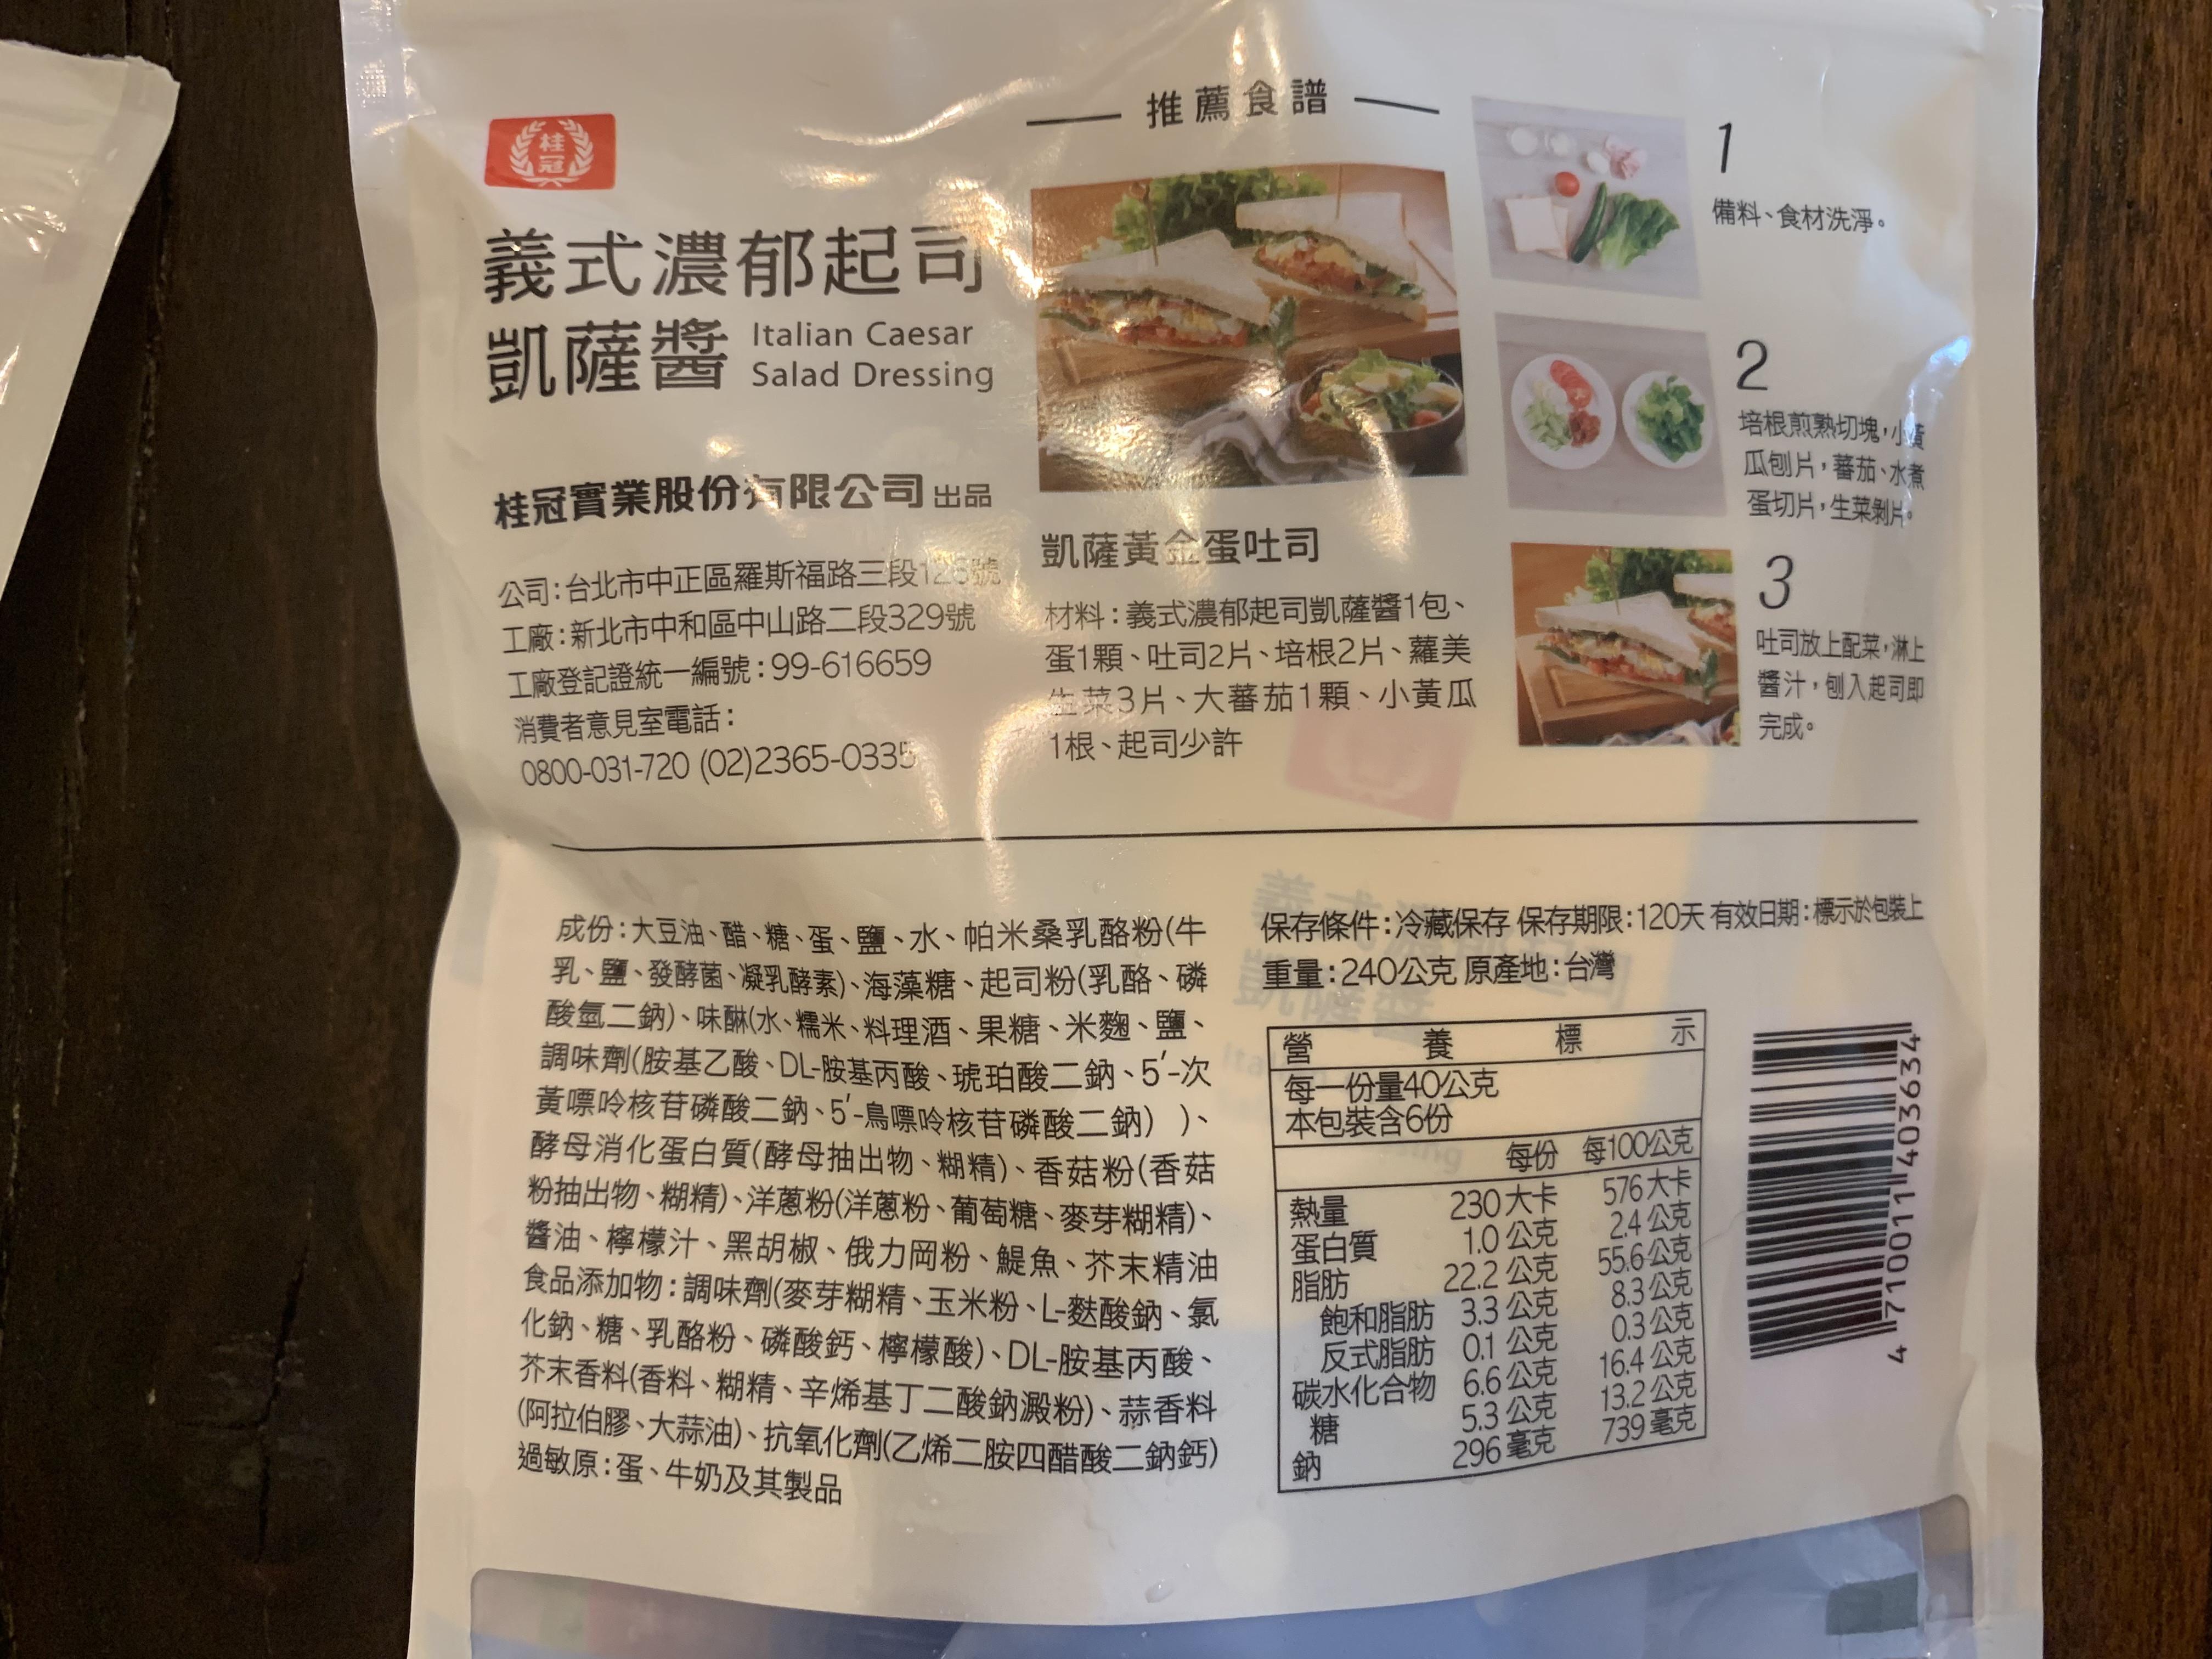 【桂冠風味沙拉】塑身低脂低卡低熱量-雞胸肉佐杏鮑菇溫沙拉的第 2 張圖片